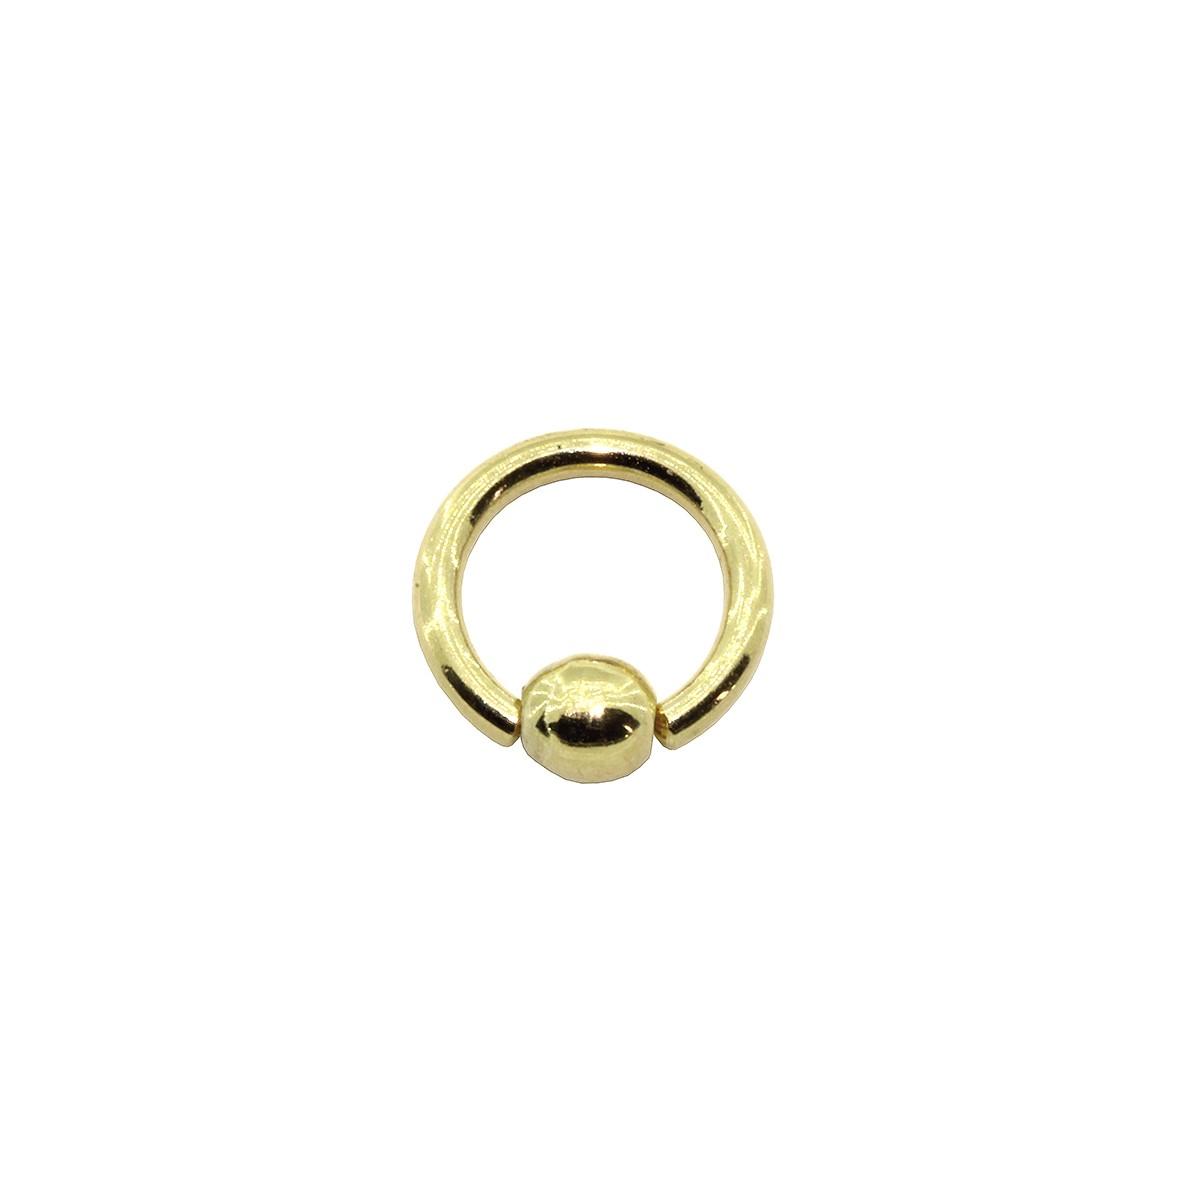 Piercing Helix - Tragus - Labret - Septo em Ouro 18k Captive Tradicional